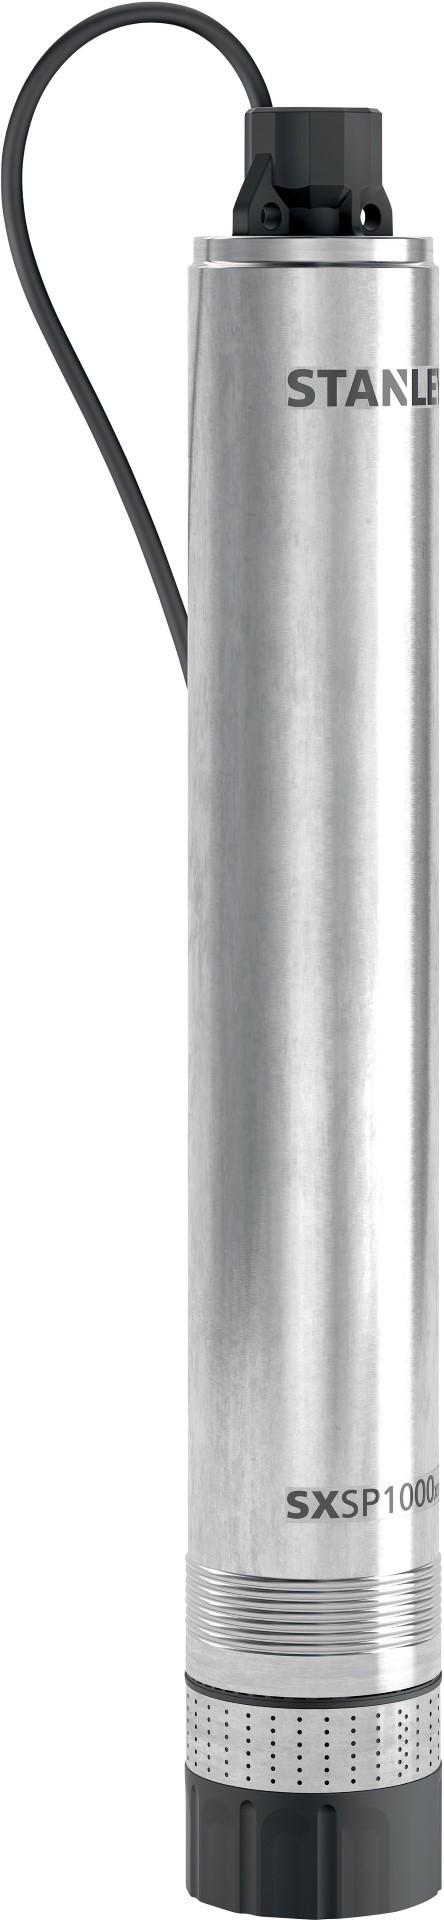 Stanley - dieptebronpomp - roestvrij staal - 1000 w